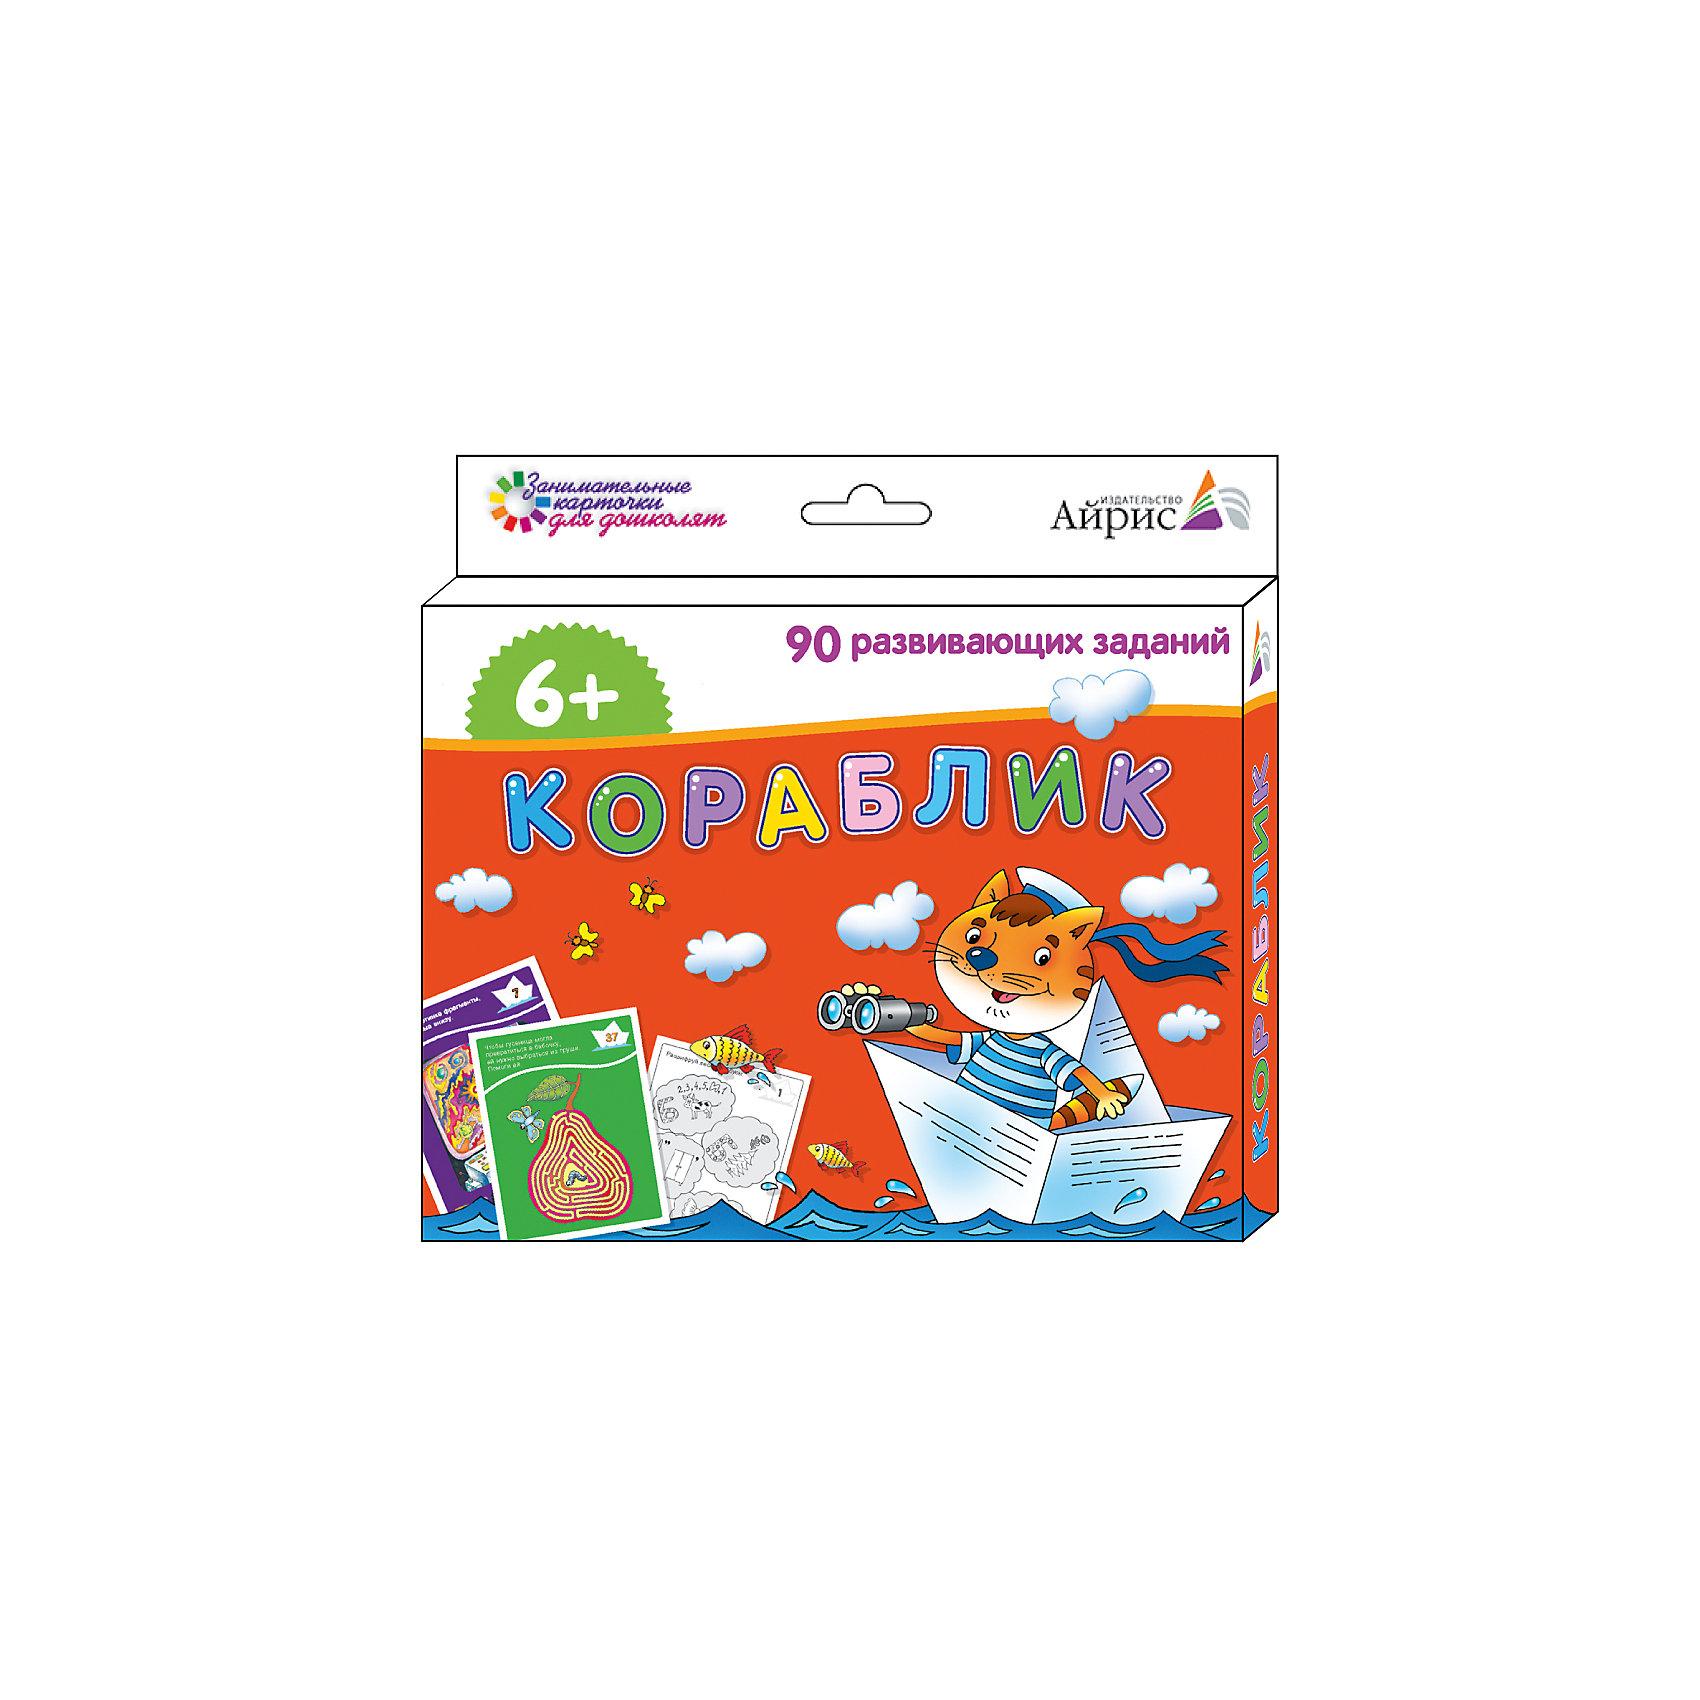 Набор занимательных карточек для дошколят КорабликОбучающие карточки<br>Характеристики товара:<br><br>• возраст: от 6 лет<br>• комплектация: 45 картонных карточек, лист-вкладыш с ответами<br>• производитель: Айрис-пресс<br>• серия: Занимательные карточки для дошколят<br>• размер карточки: 15х12 см.<br>• иллюстрации: цветные, черно-белые<br>• упаковка: картонная коробка<br>• размер упаковки: 15х16х2,2 см.<br>• вес: 208 гр.<br><br>Набор состоит из 45 карточек, которые содержат 90 развивающих заданий для детей от 6 лет. Вооружившись карандашом, ребёнок пройдёт по запутанным лабиринтам, найдет отличия в рисунках и ошибки художника, потренируется в чтении и счёте, решит логические задачи и выполнит множество других занимательных заданий.<br><br>На отдельном листе-вкладыше даны ответы, по которым родители смогут проверить, правильно ли выполнено задание.<br><br>Игра с карточками тренирует память, внимание, учит считать, рисовать, сравнивать, развивает мышление, речь, логику, мелкую моторику. Благодаря компактной упаковке карточки удобно брать в дорогу или на отдых.<br><br>Набор занимательных карточек для дошколят Кораблик можно купить в нашем интернет-магазине.<br><br>Ширина мм: 25<br>Глубина мм: 163<br>Высота мм: 150<br>Вес г: 222<br>Возраст от месяцев: 72<br>Возраст до месяцев: 96<br>Пол: Унисекс<br>Возраст: Детский<br>SKU: 6849617